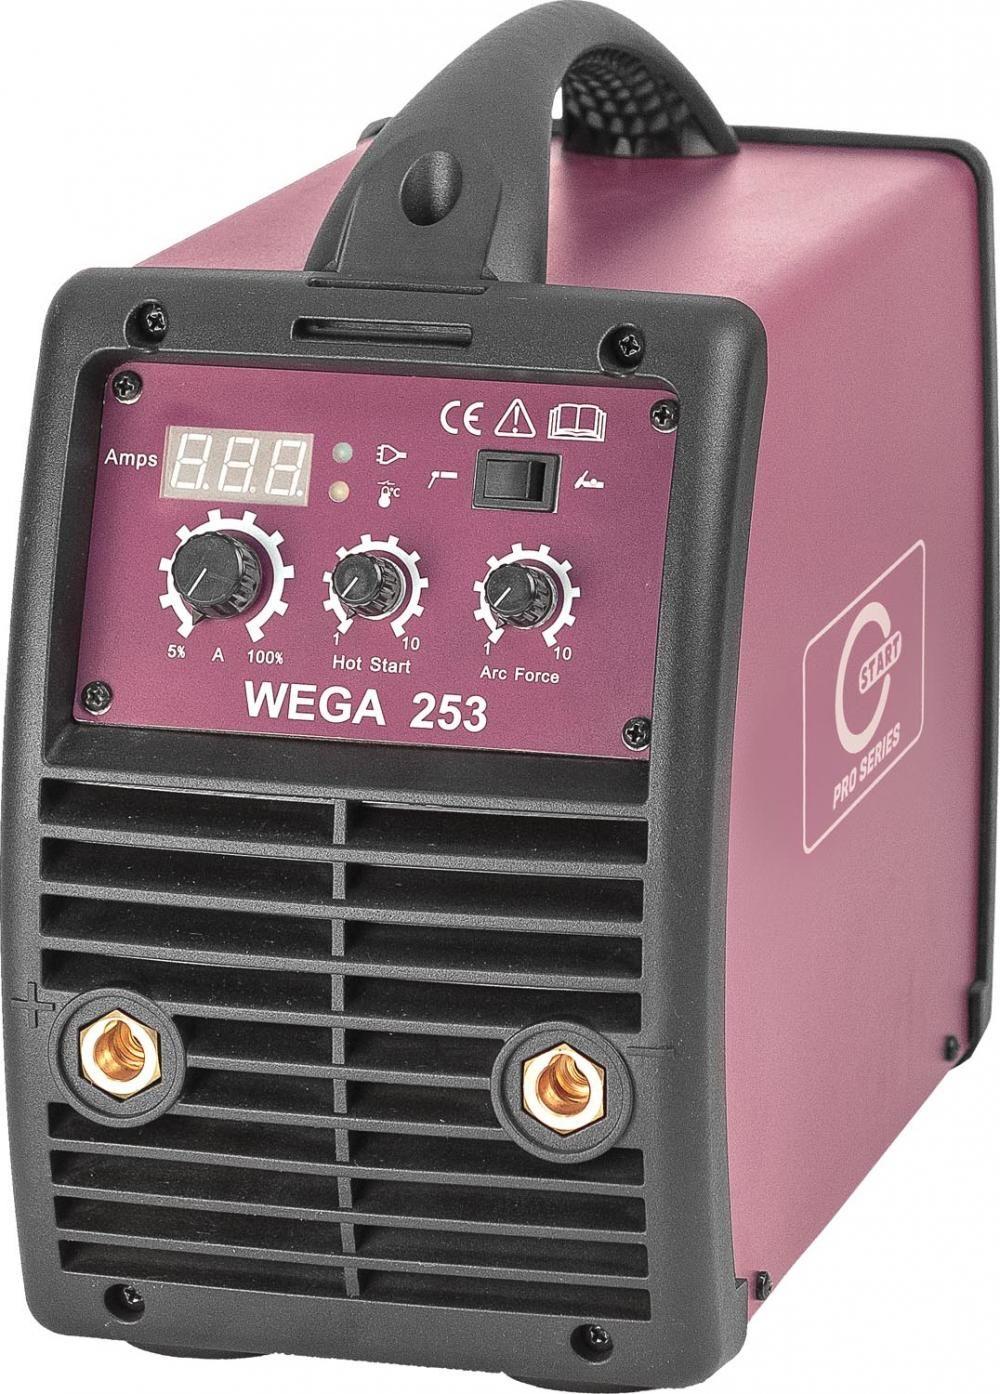 Wega 253